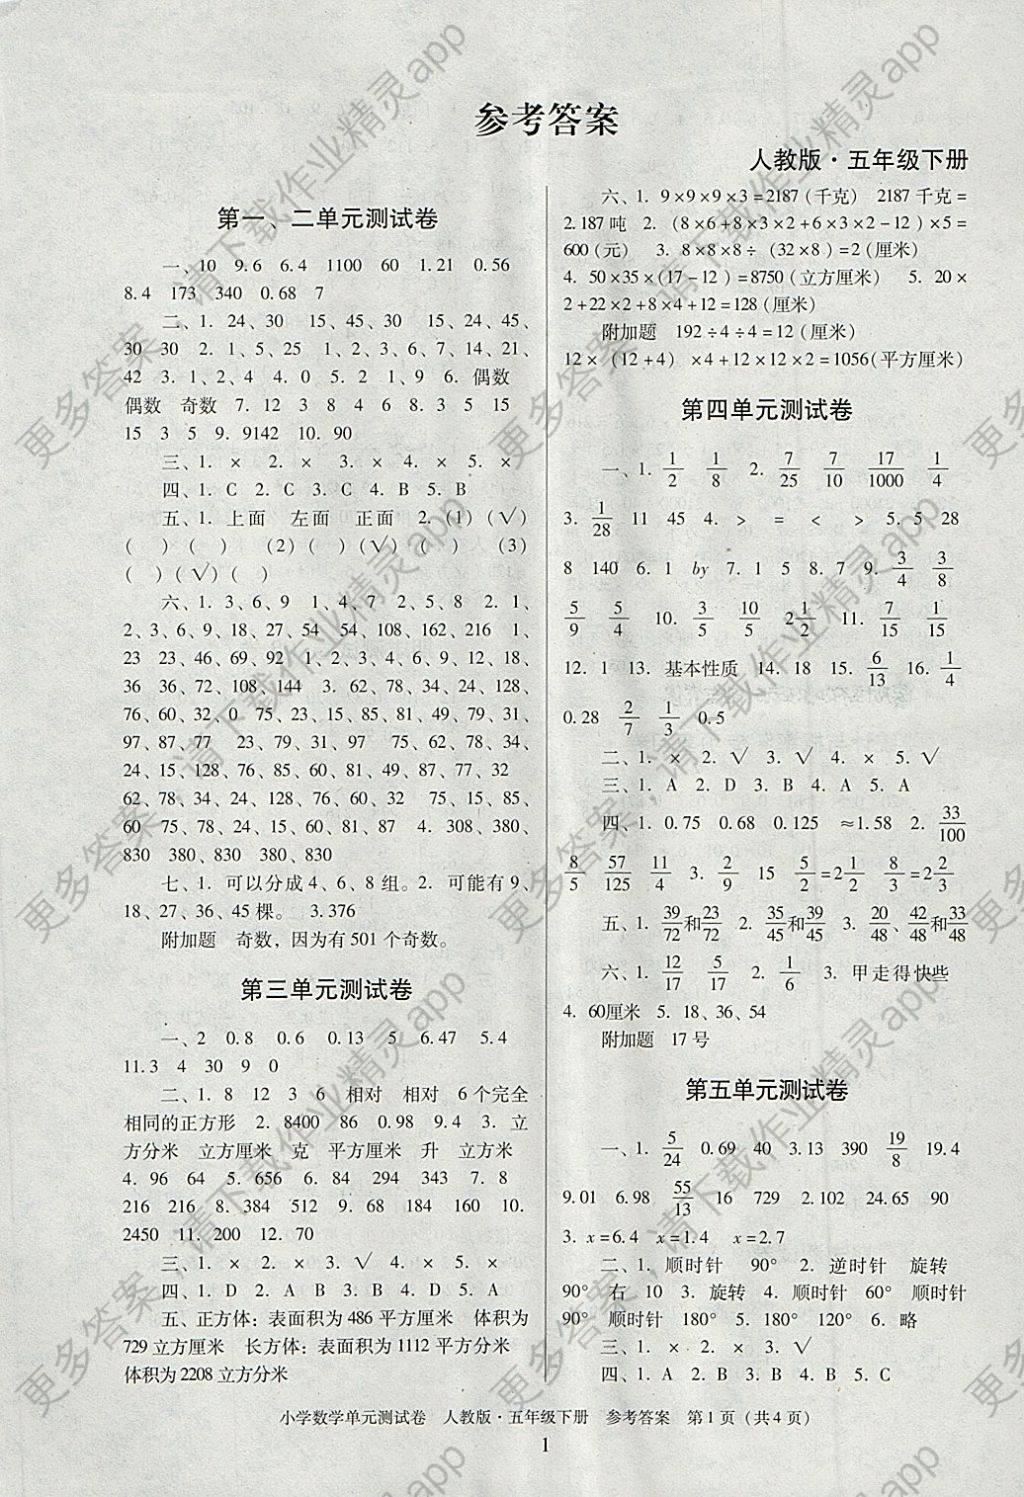 2018年单元测试卷小学数学五年级下册人教版广东人民出版社 第1页